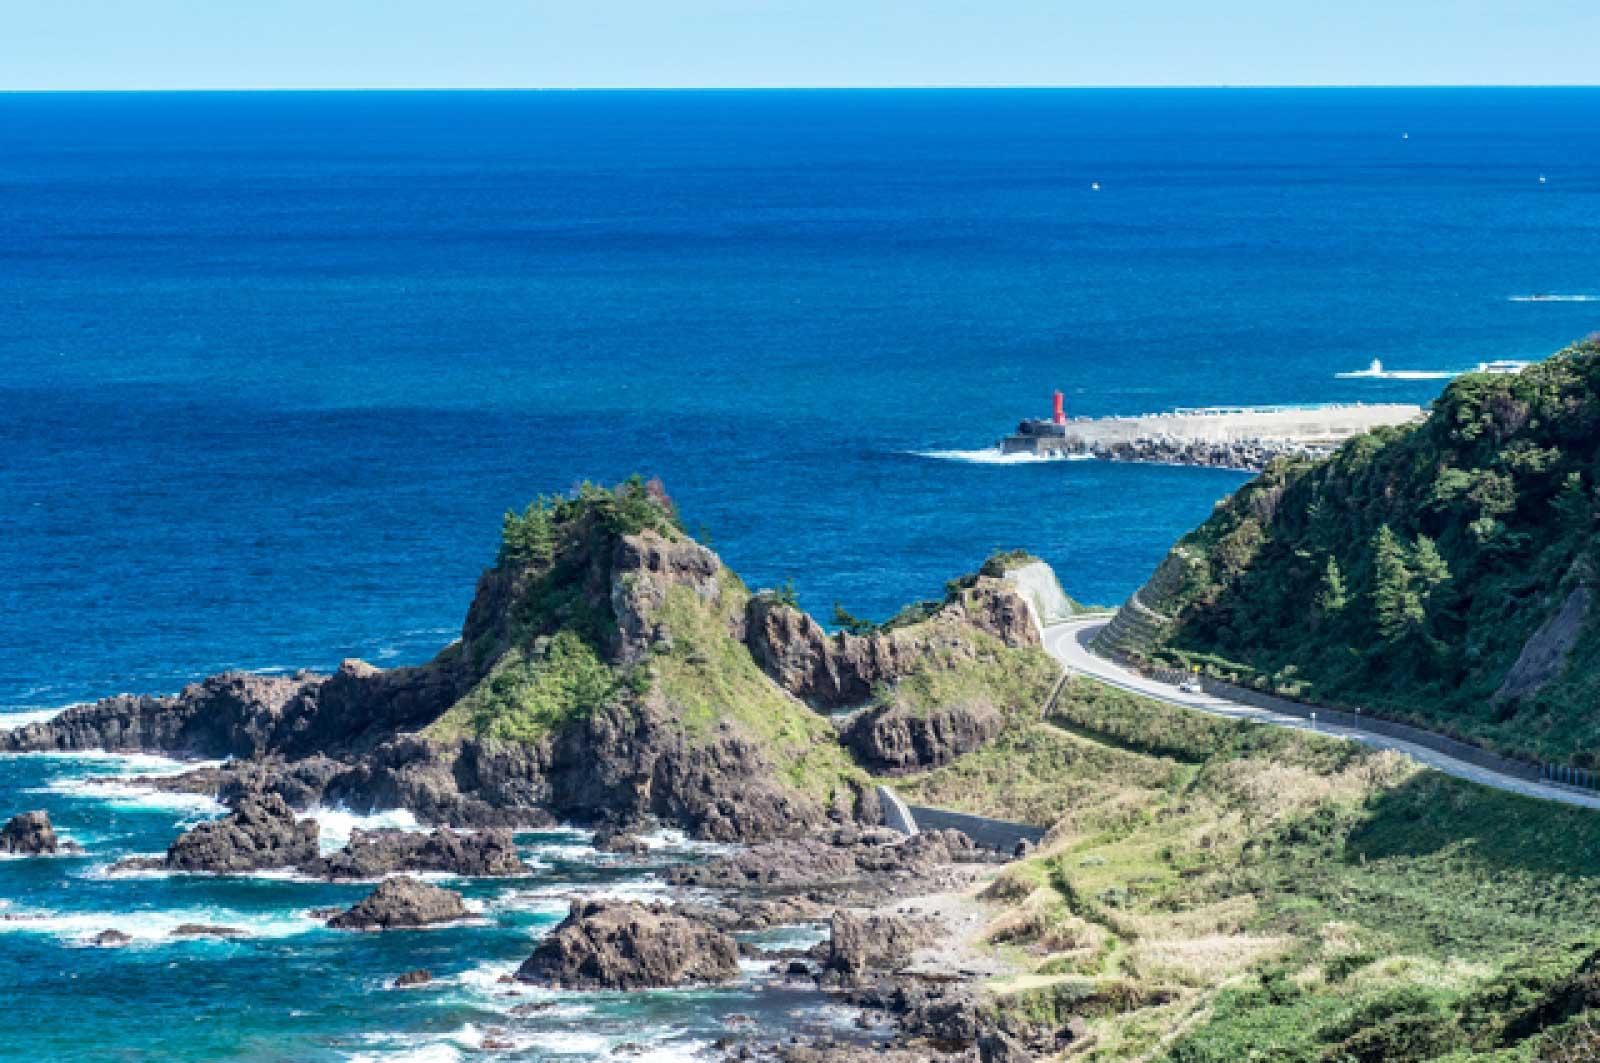 聖域の岬からの絶景